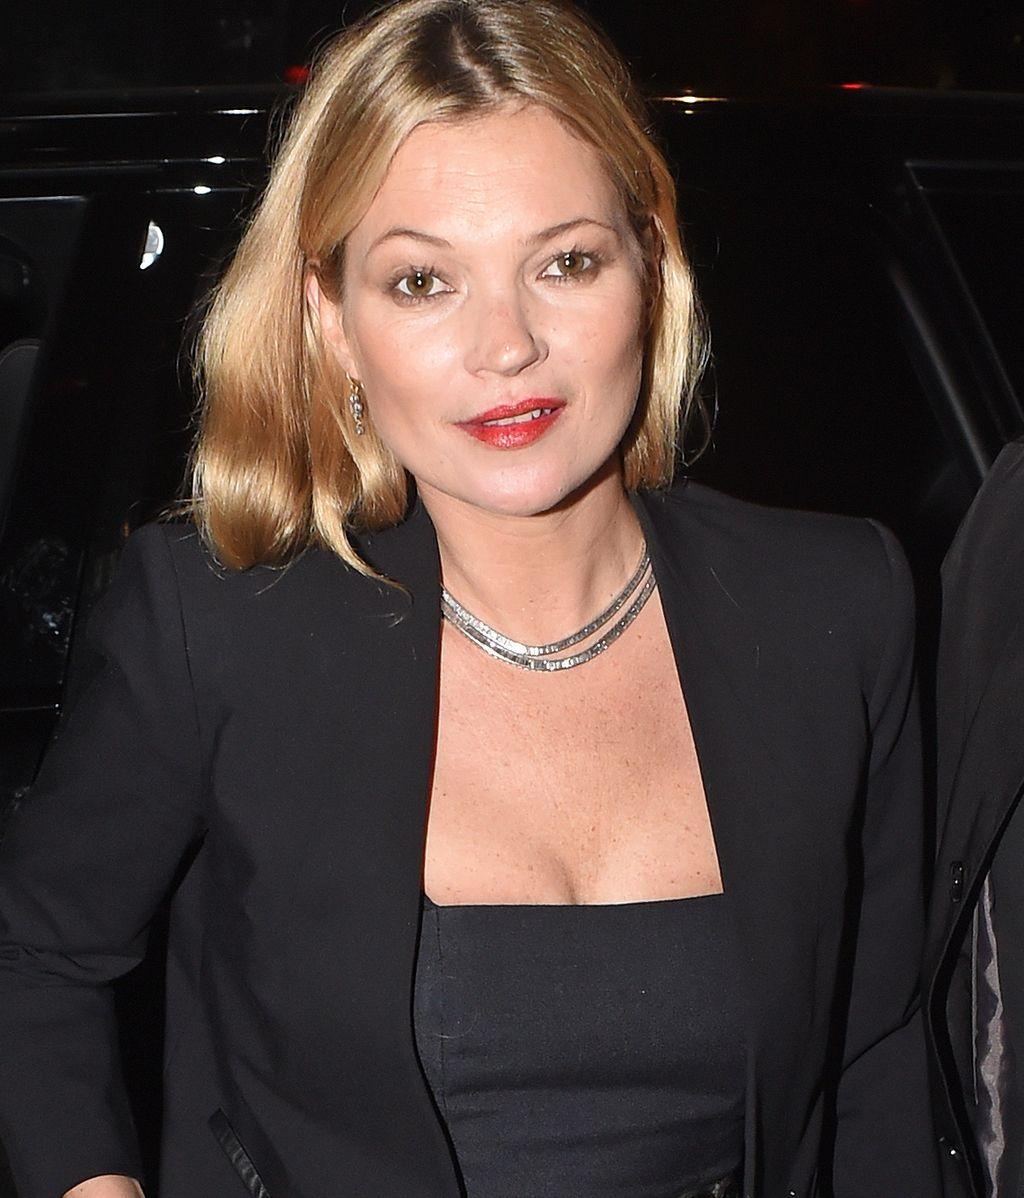 Kate Moss abandona su agencia de modelos de toda la vida, ¿y la moda?